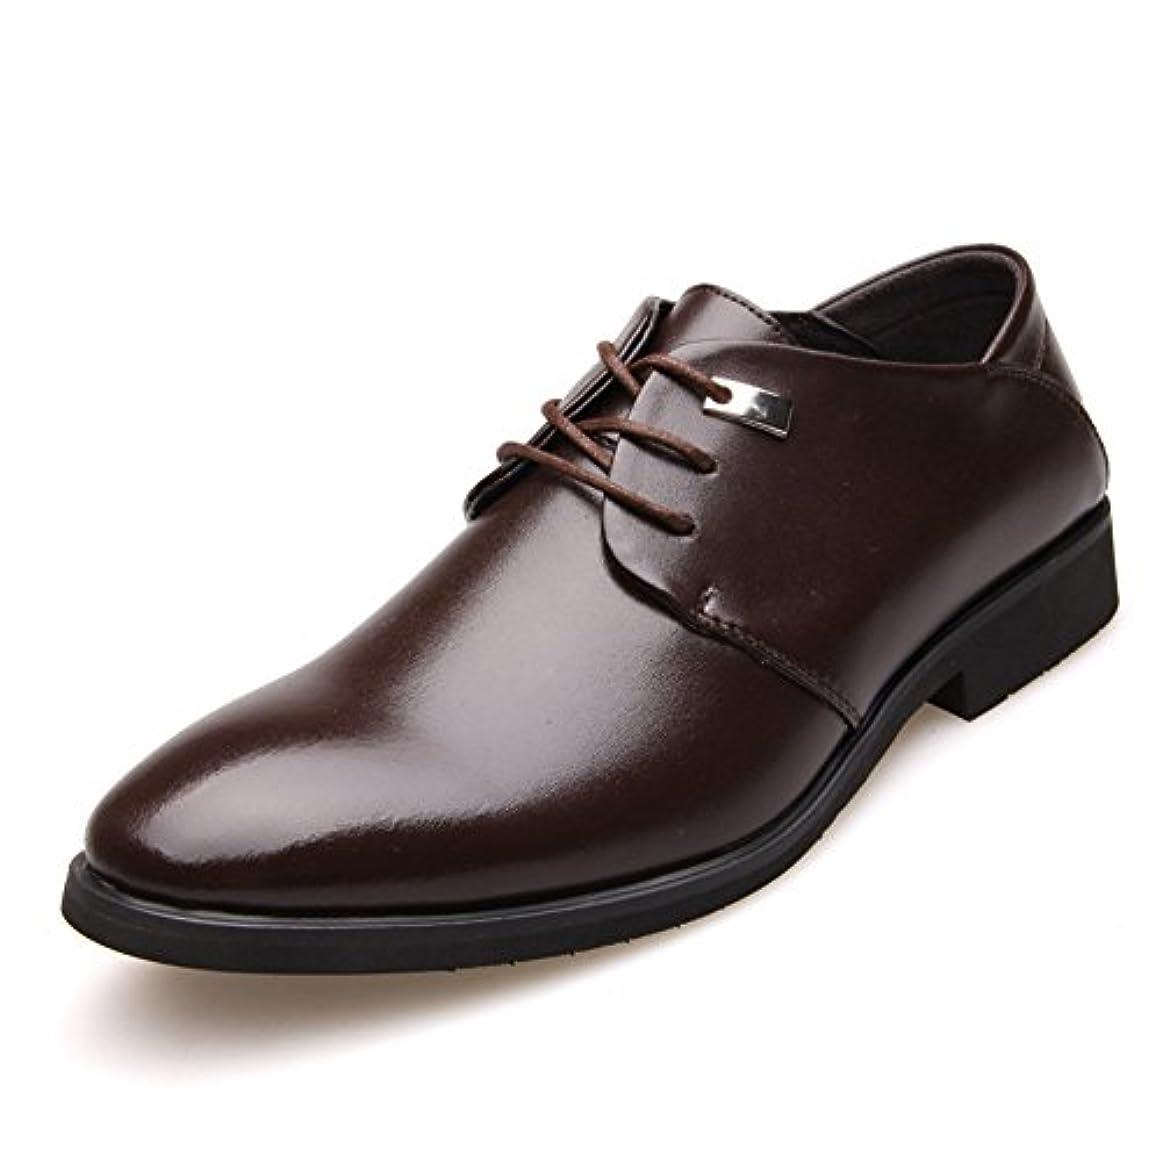 ダーリン抑圧者紀元前Rabiya カジュアルシューズ メンズ 靴 ビジネスシューズ 革靴 外羽根 紳士靴 ドレスシューズ オフィス 男性用シューズ フォーマル (ブラウン、26.5)